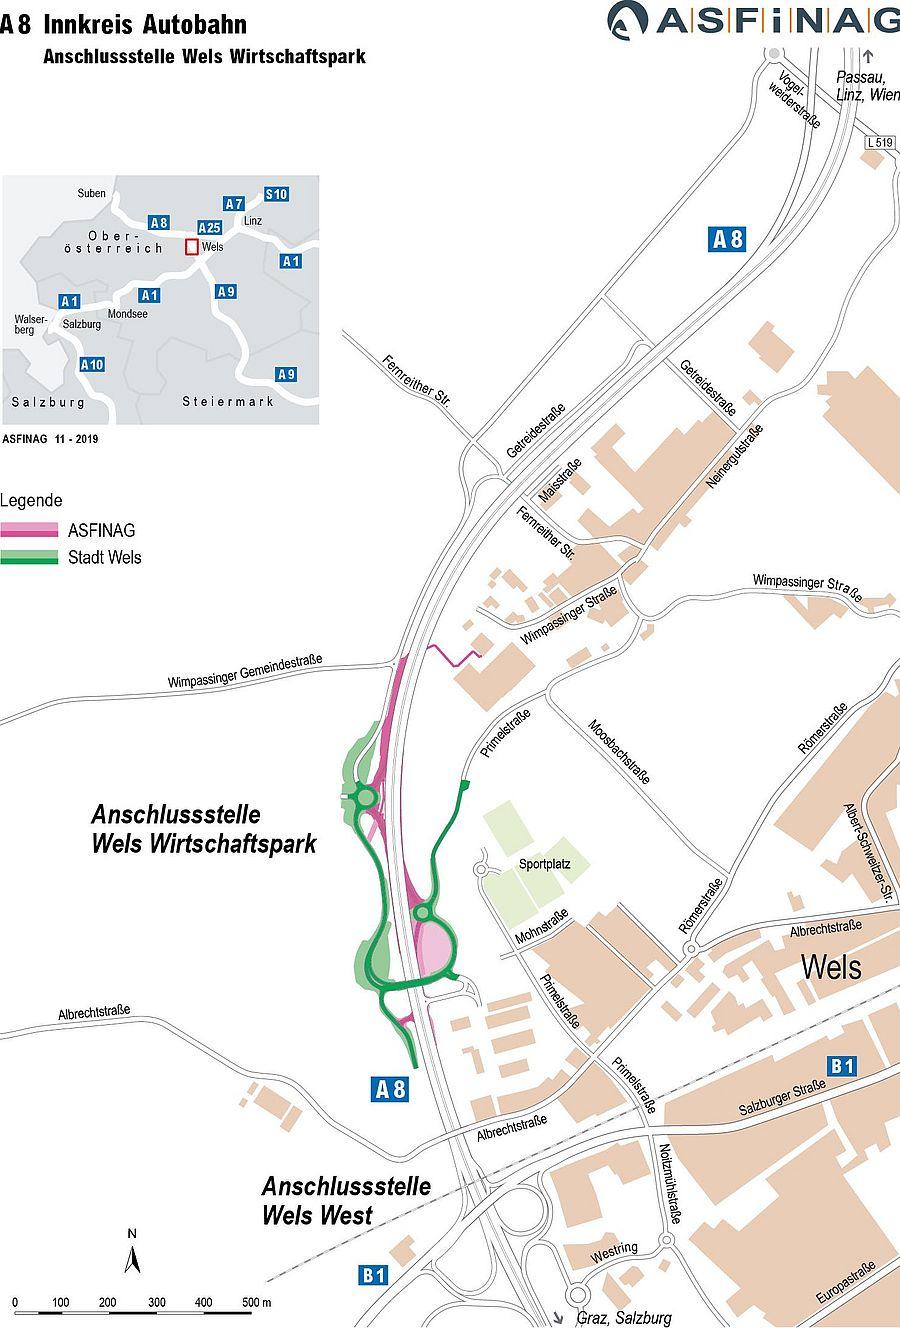 Anschlussstelle Wels Wirtschaftspark